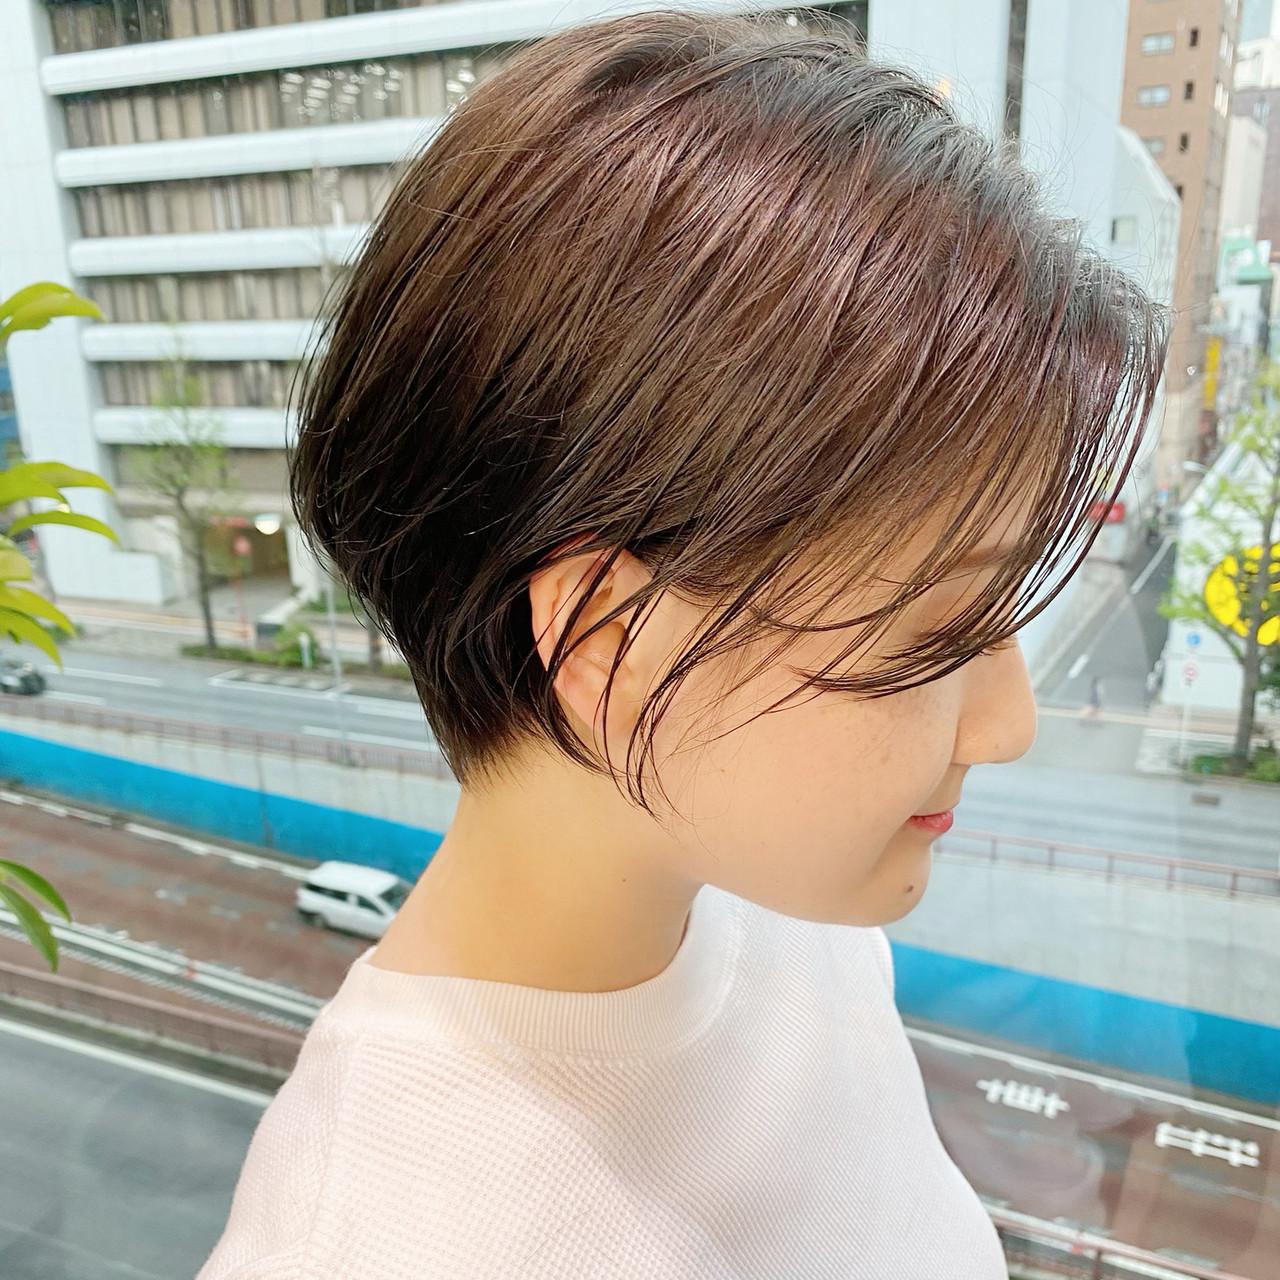 ショートヘア ショートボブ ショート ゆるふわ ヘアスタイルや髪型の写真・画像 | 大人可愛い【ショート・ボブが得意】つばさ / VIE